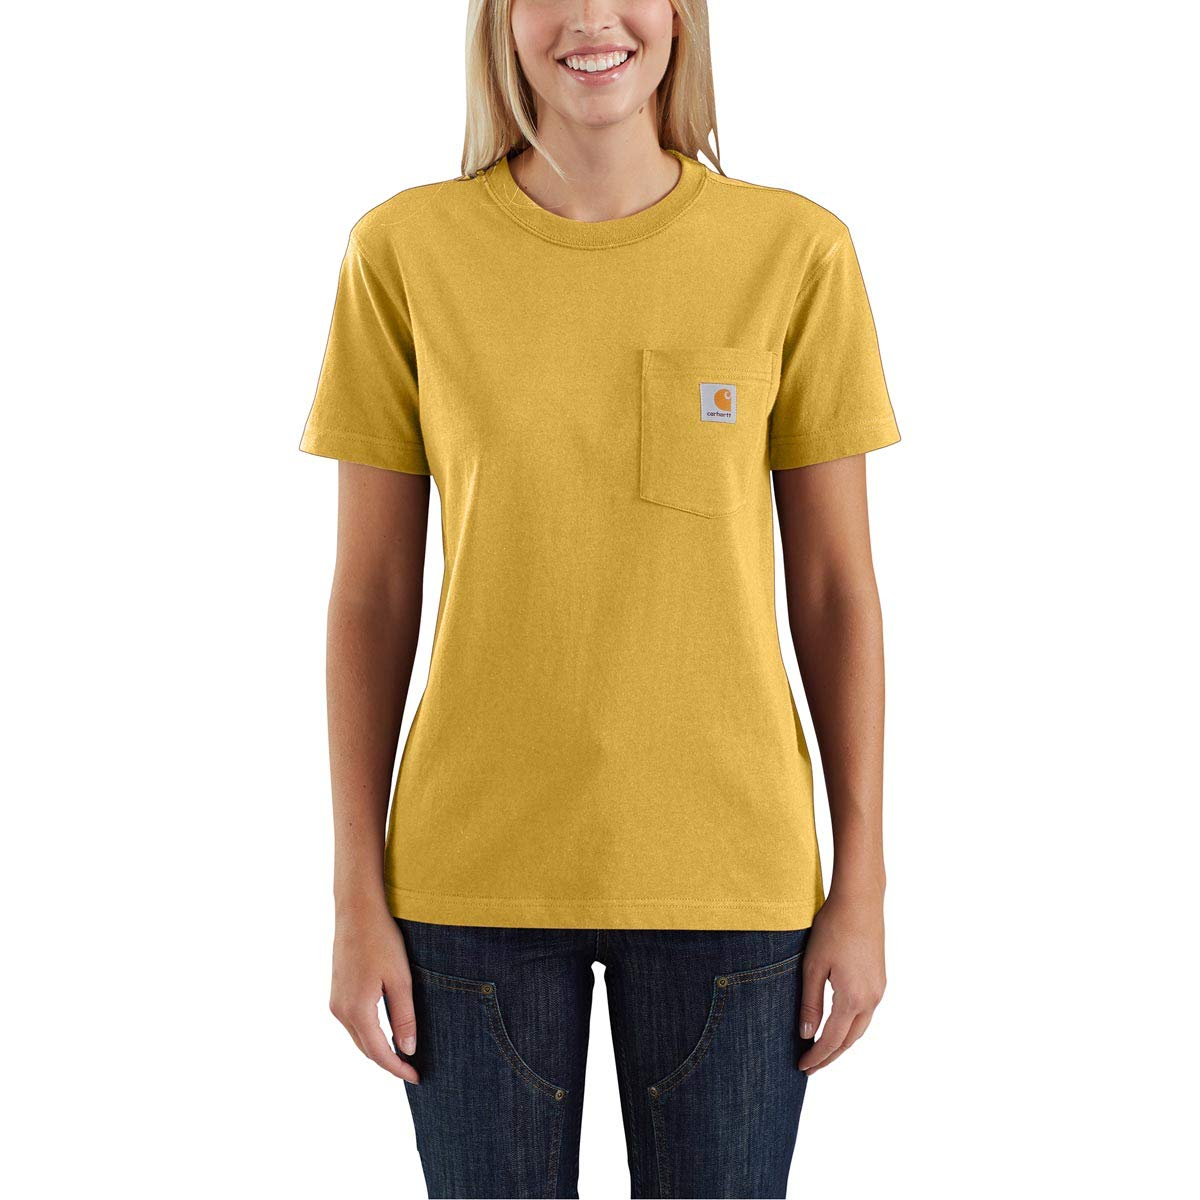 Carhartt Women's 103067 Women's WK87 Workwear Pocket Short Sleeve T-Shirt - X-Large - Carhartt Gold Heather